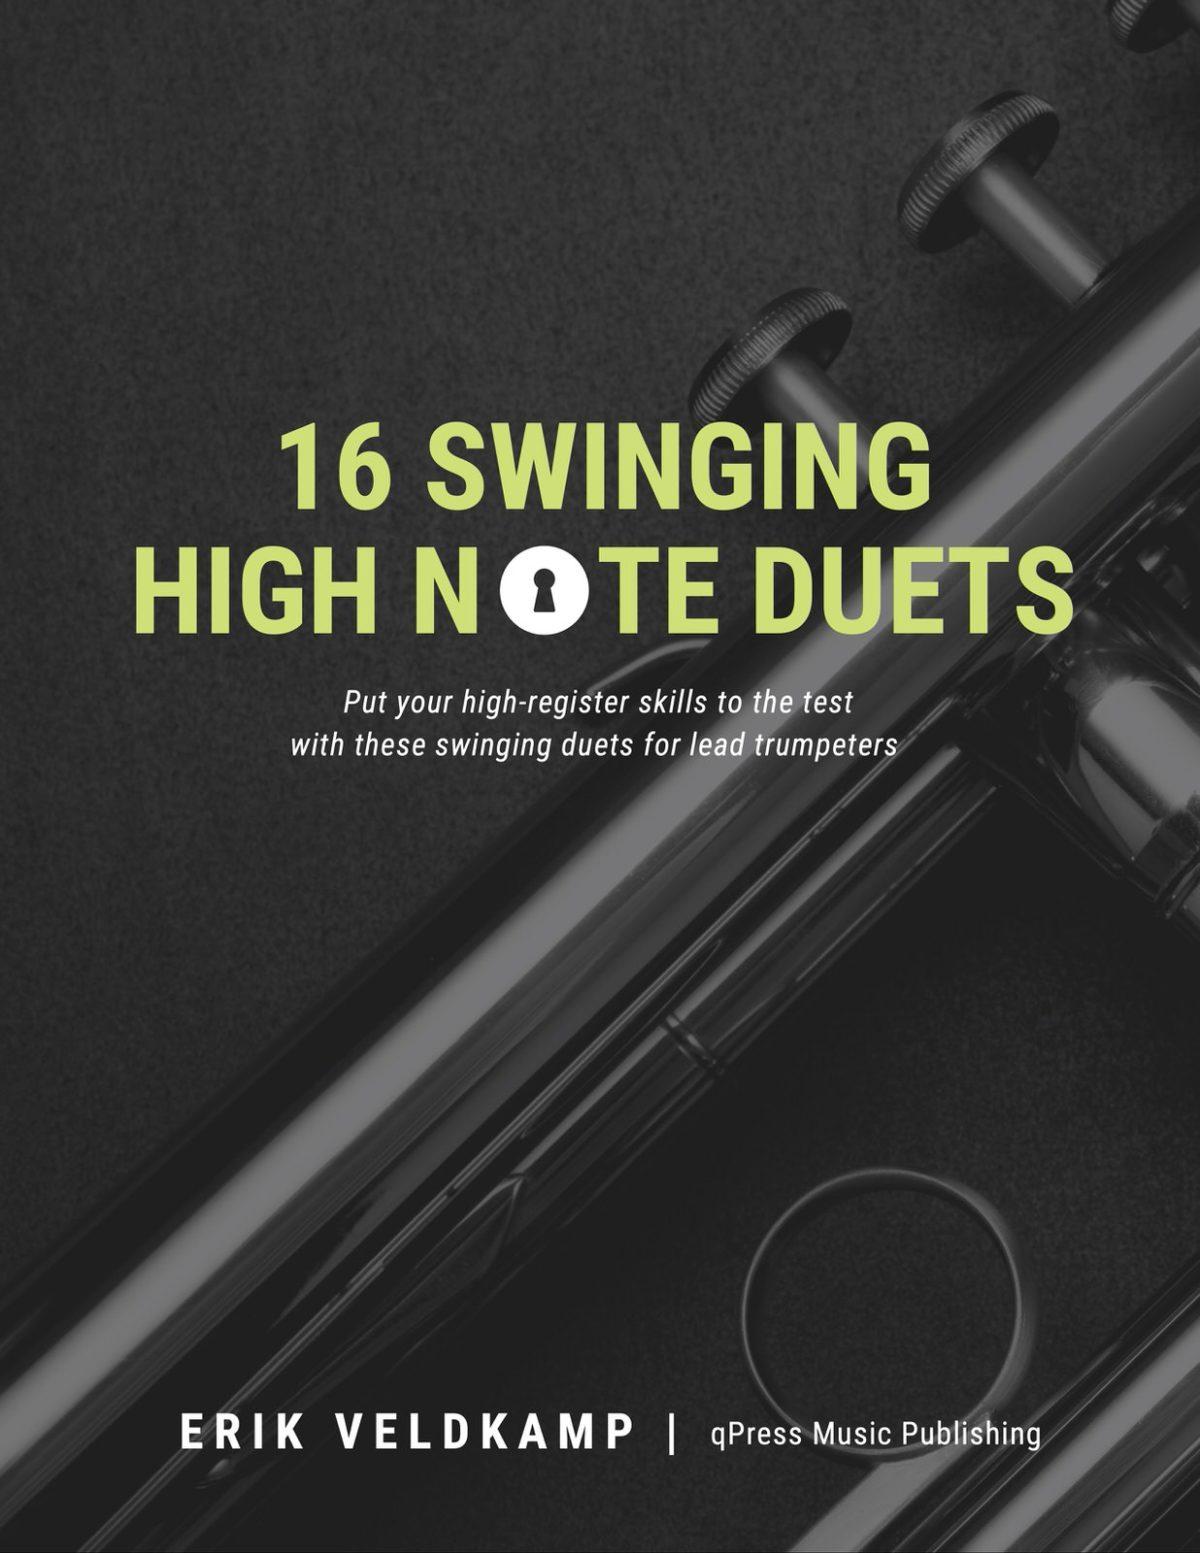 Veldkamp, 16 Swinging High Note Duets-p01